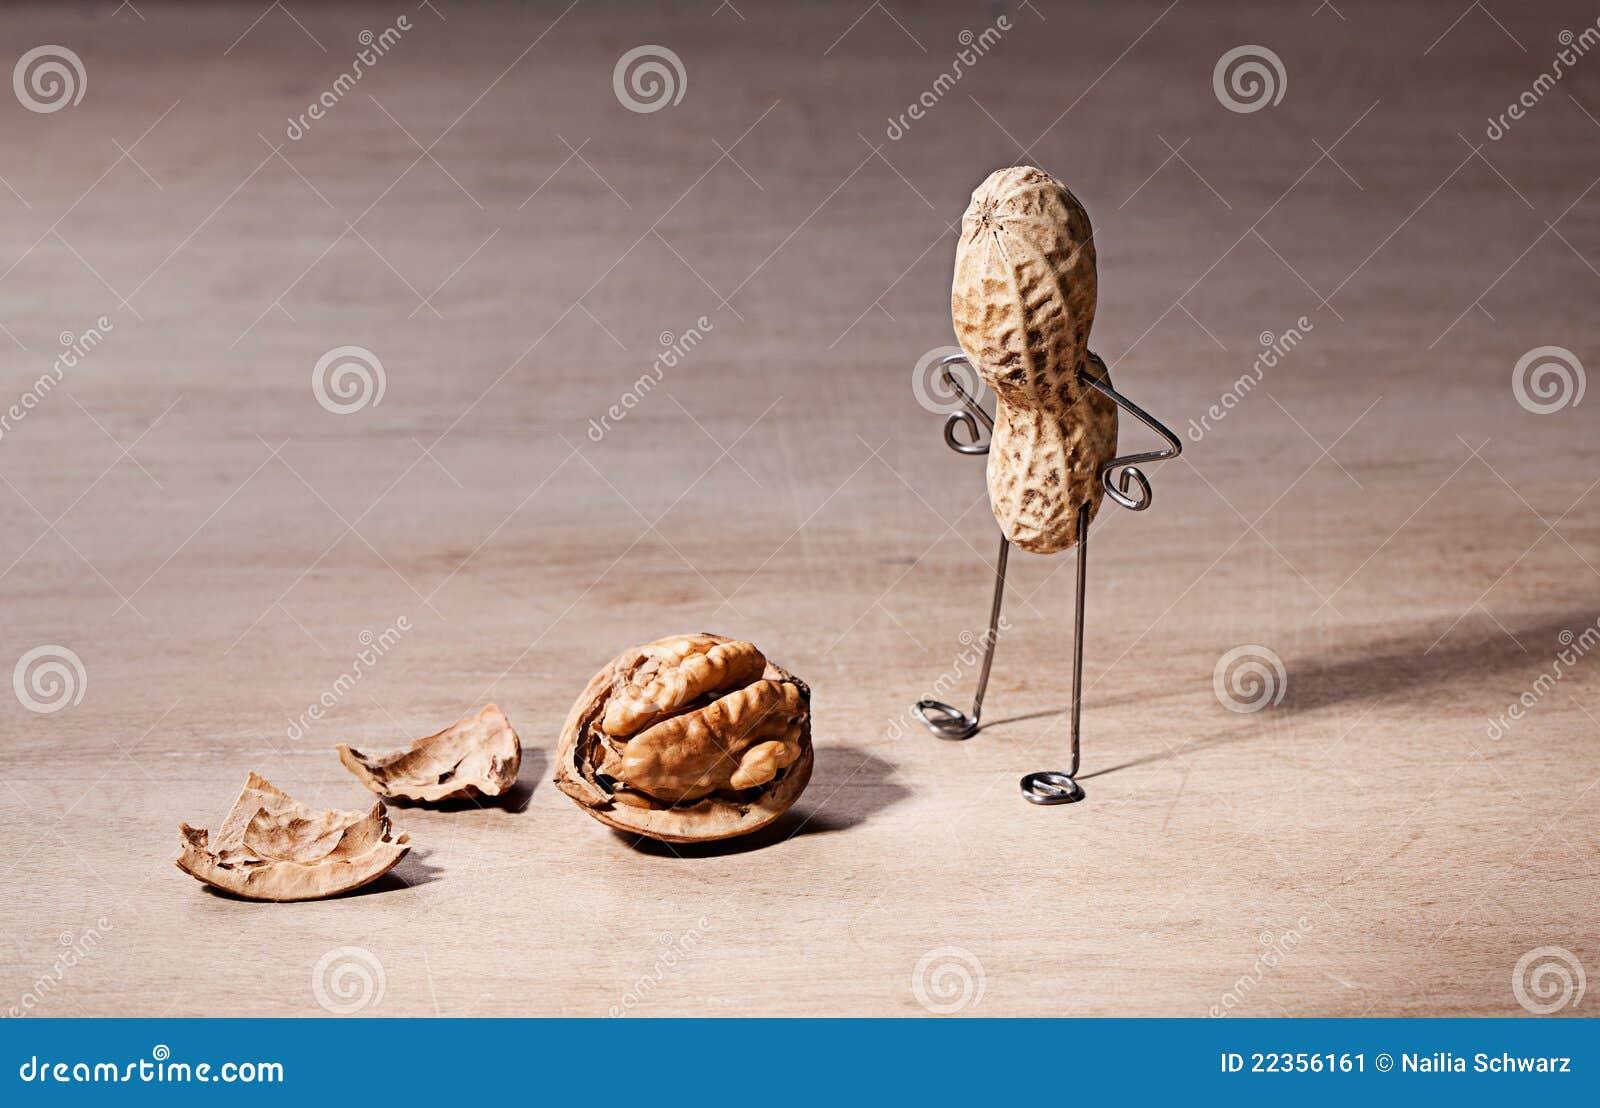 Mózg gubjący